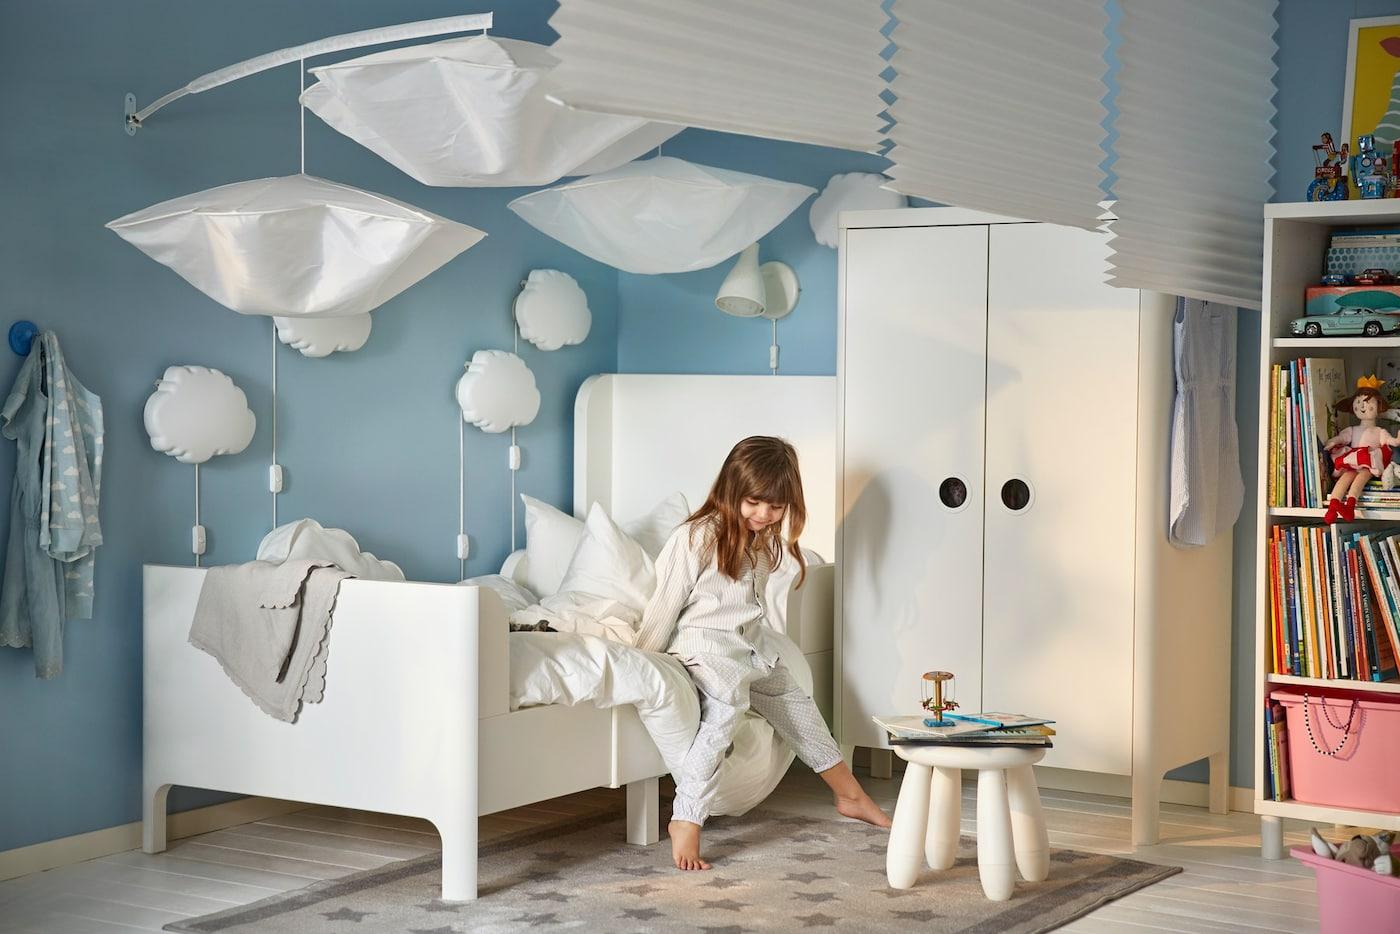 Łożko i szafa z serii BUSUNGE w błękitnym pokoju dziecięcym.